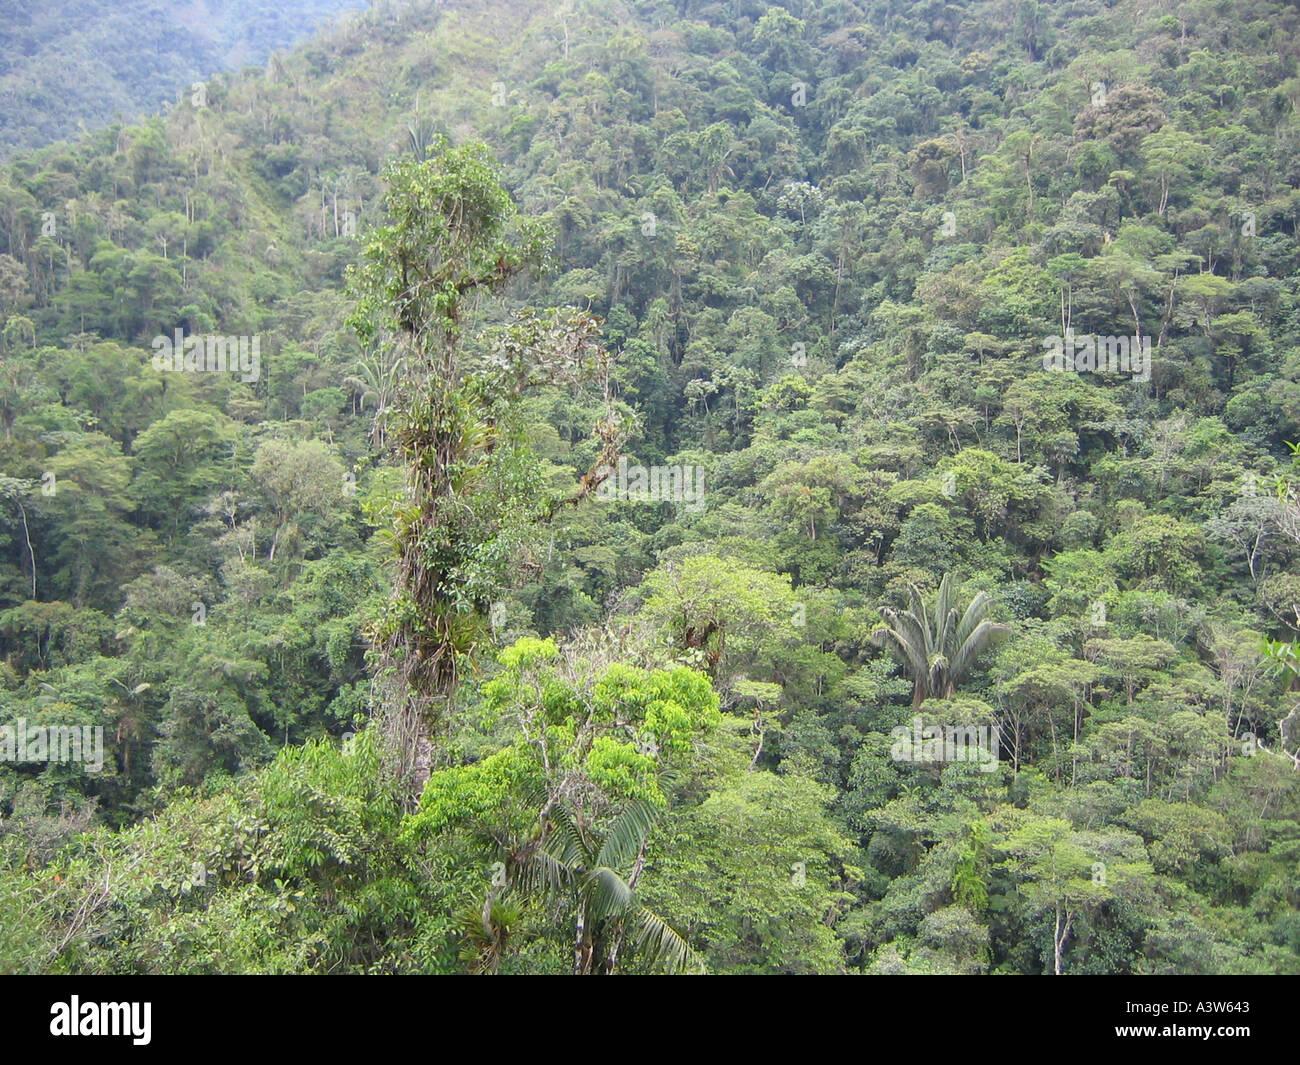 rain forest in Ecuador - Stock Image